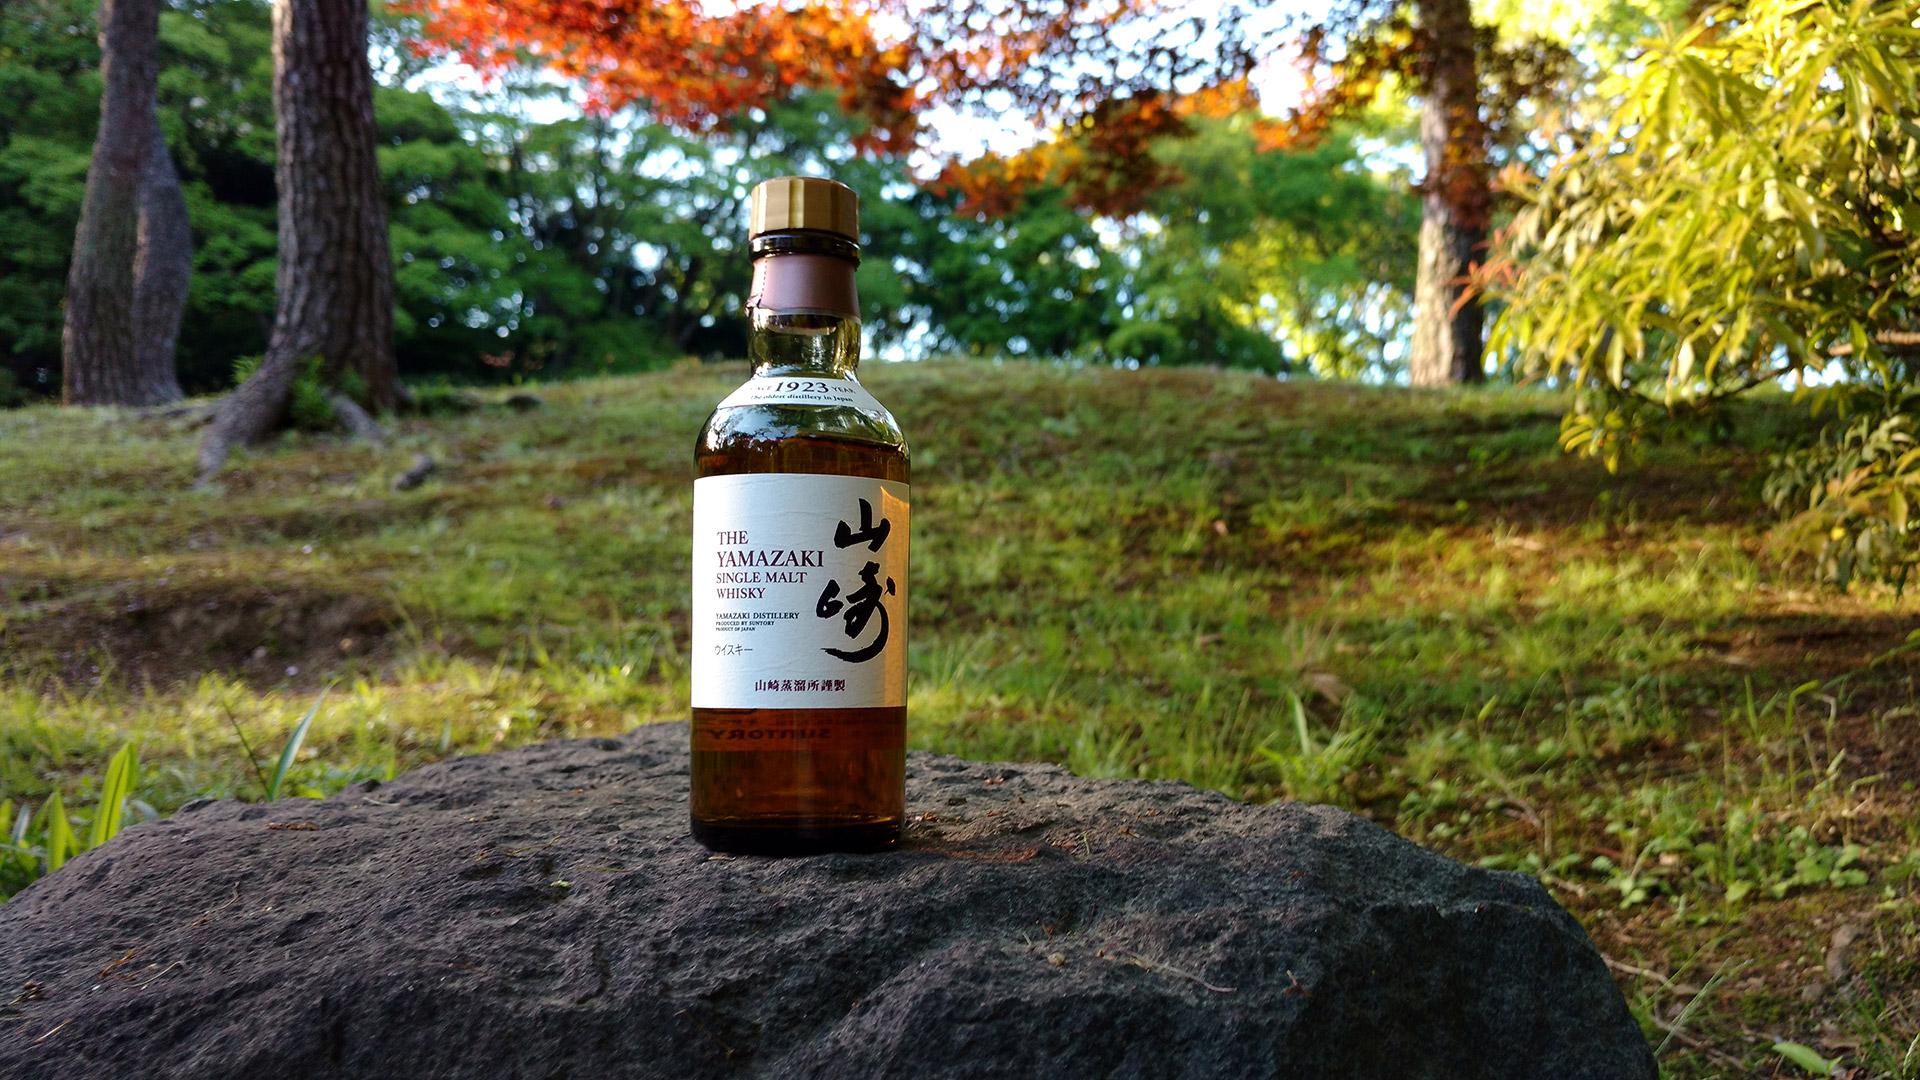 Die Japaner staunten nicht schlecht, als ich den Yamazaki für dieses Foto aufstellte (Foto: Malt Whisky)